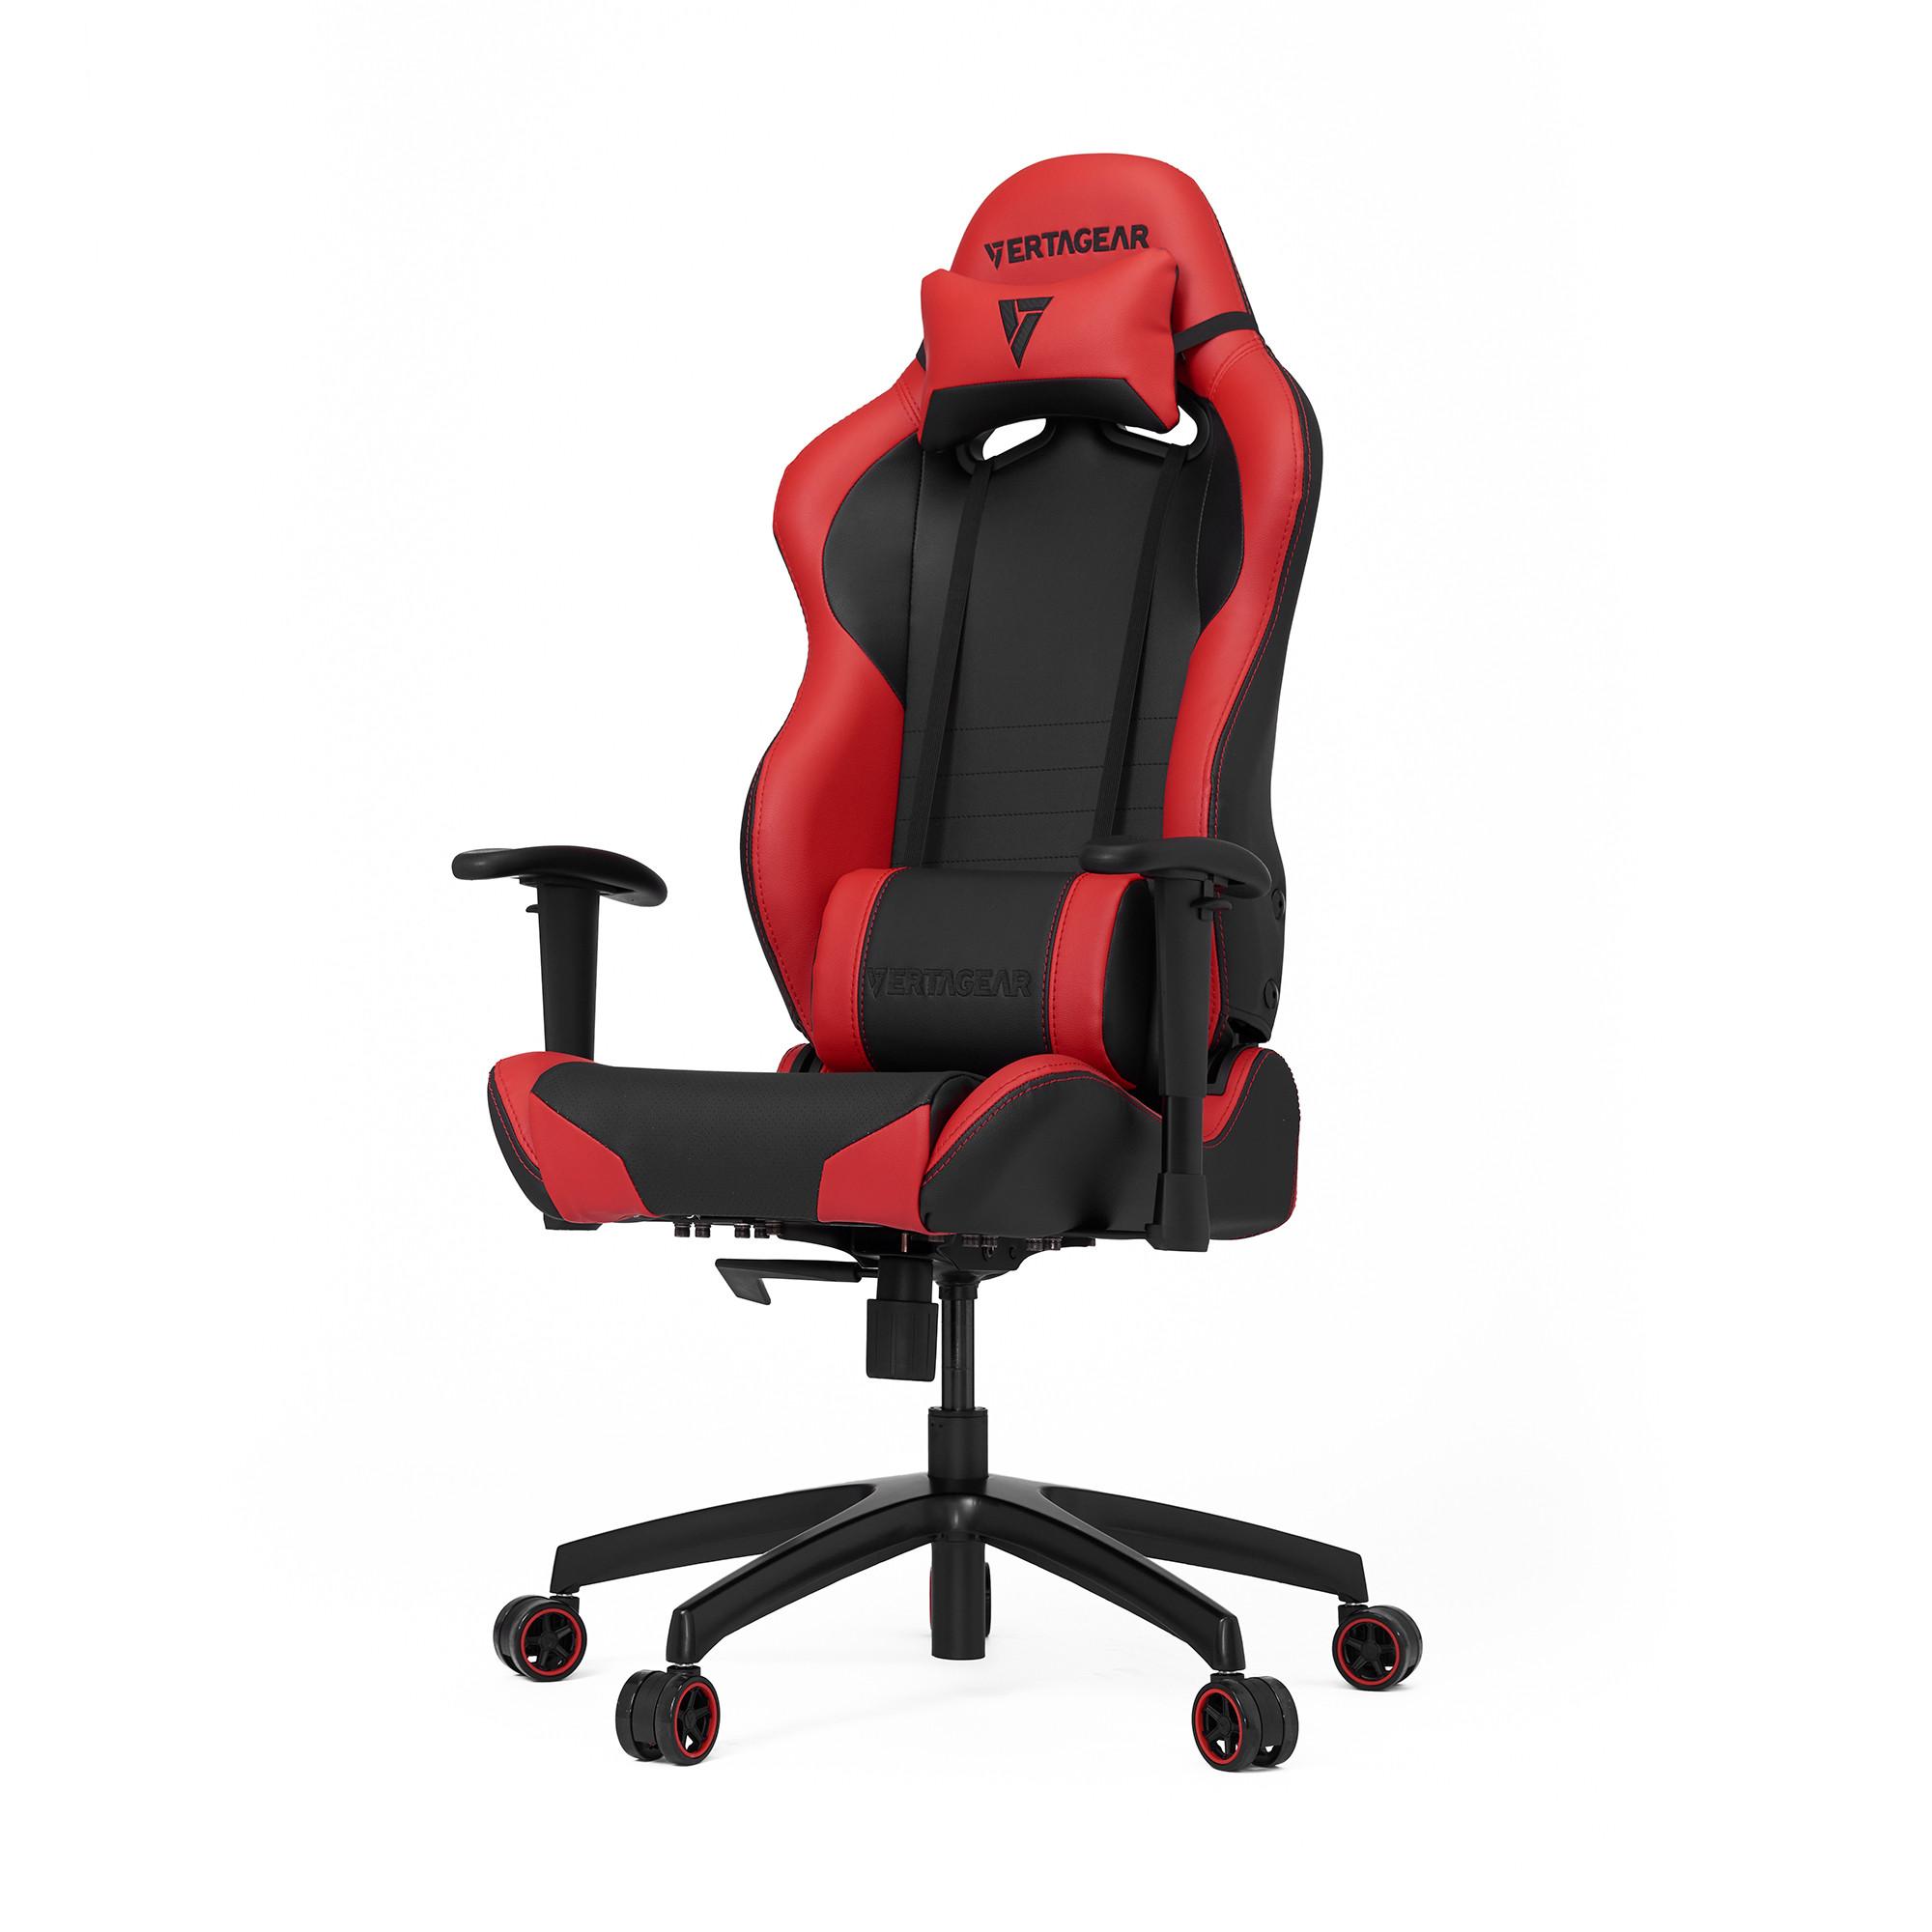 Профессиональное киберспортивное кресло Vertagear SL2000 черный/красныйНабивка в SL-2000 сделанная из высокоплотной эластичной пены, которая добавляет отличную поддержку и удобство в положении сидя.&#13;<br>&#13;<br>Элегантное исполнение модели SL-2000 сделано из высококачественной PVC кожи, которая делает покрытие невероятно прочным и дает креслу роскошный вид. Этот материал легко чистить и поддерживать в хорошем состоянии, благодаря цветной прошивке и водозащитным характеристикам.<br>